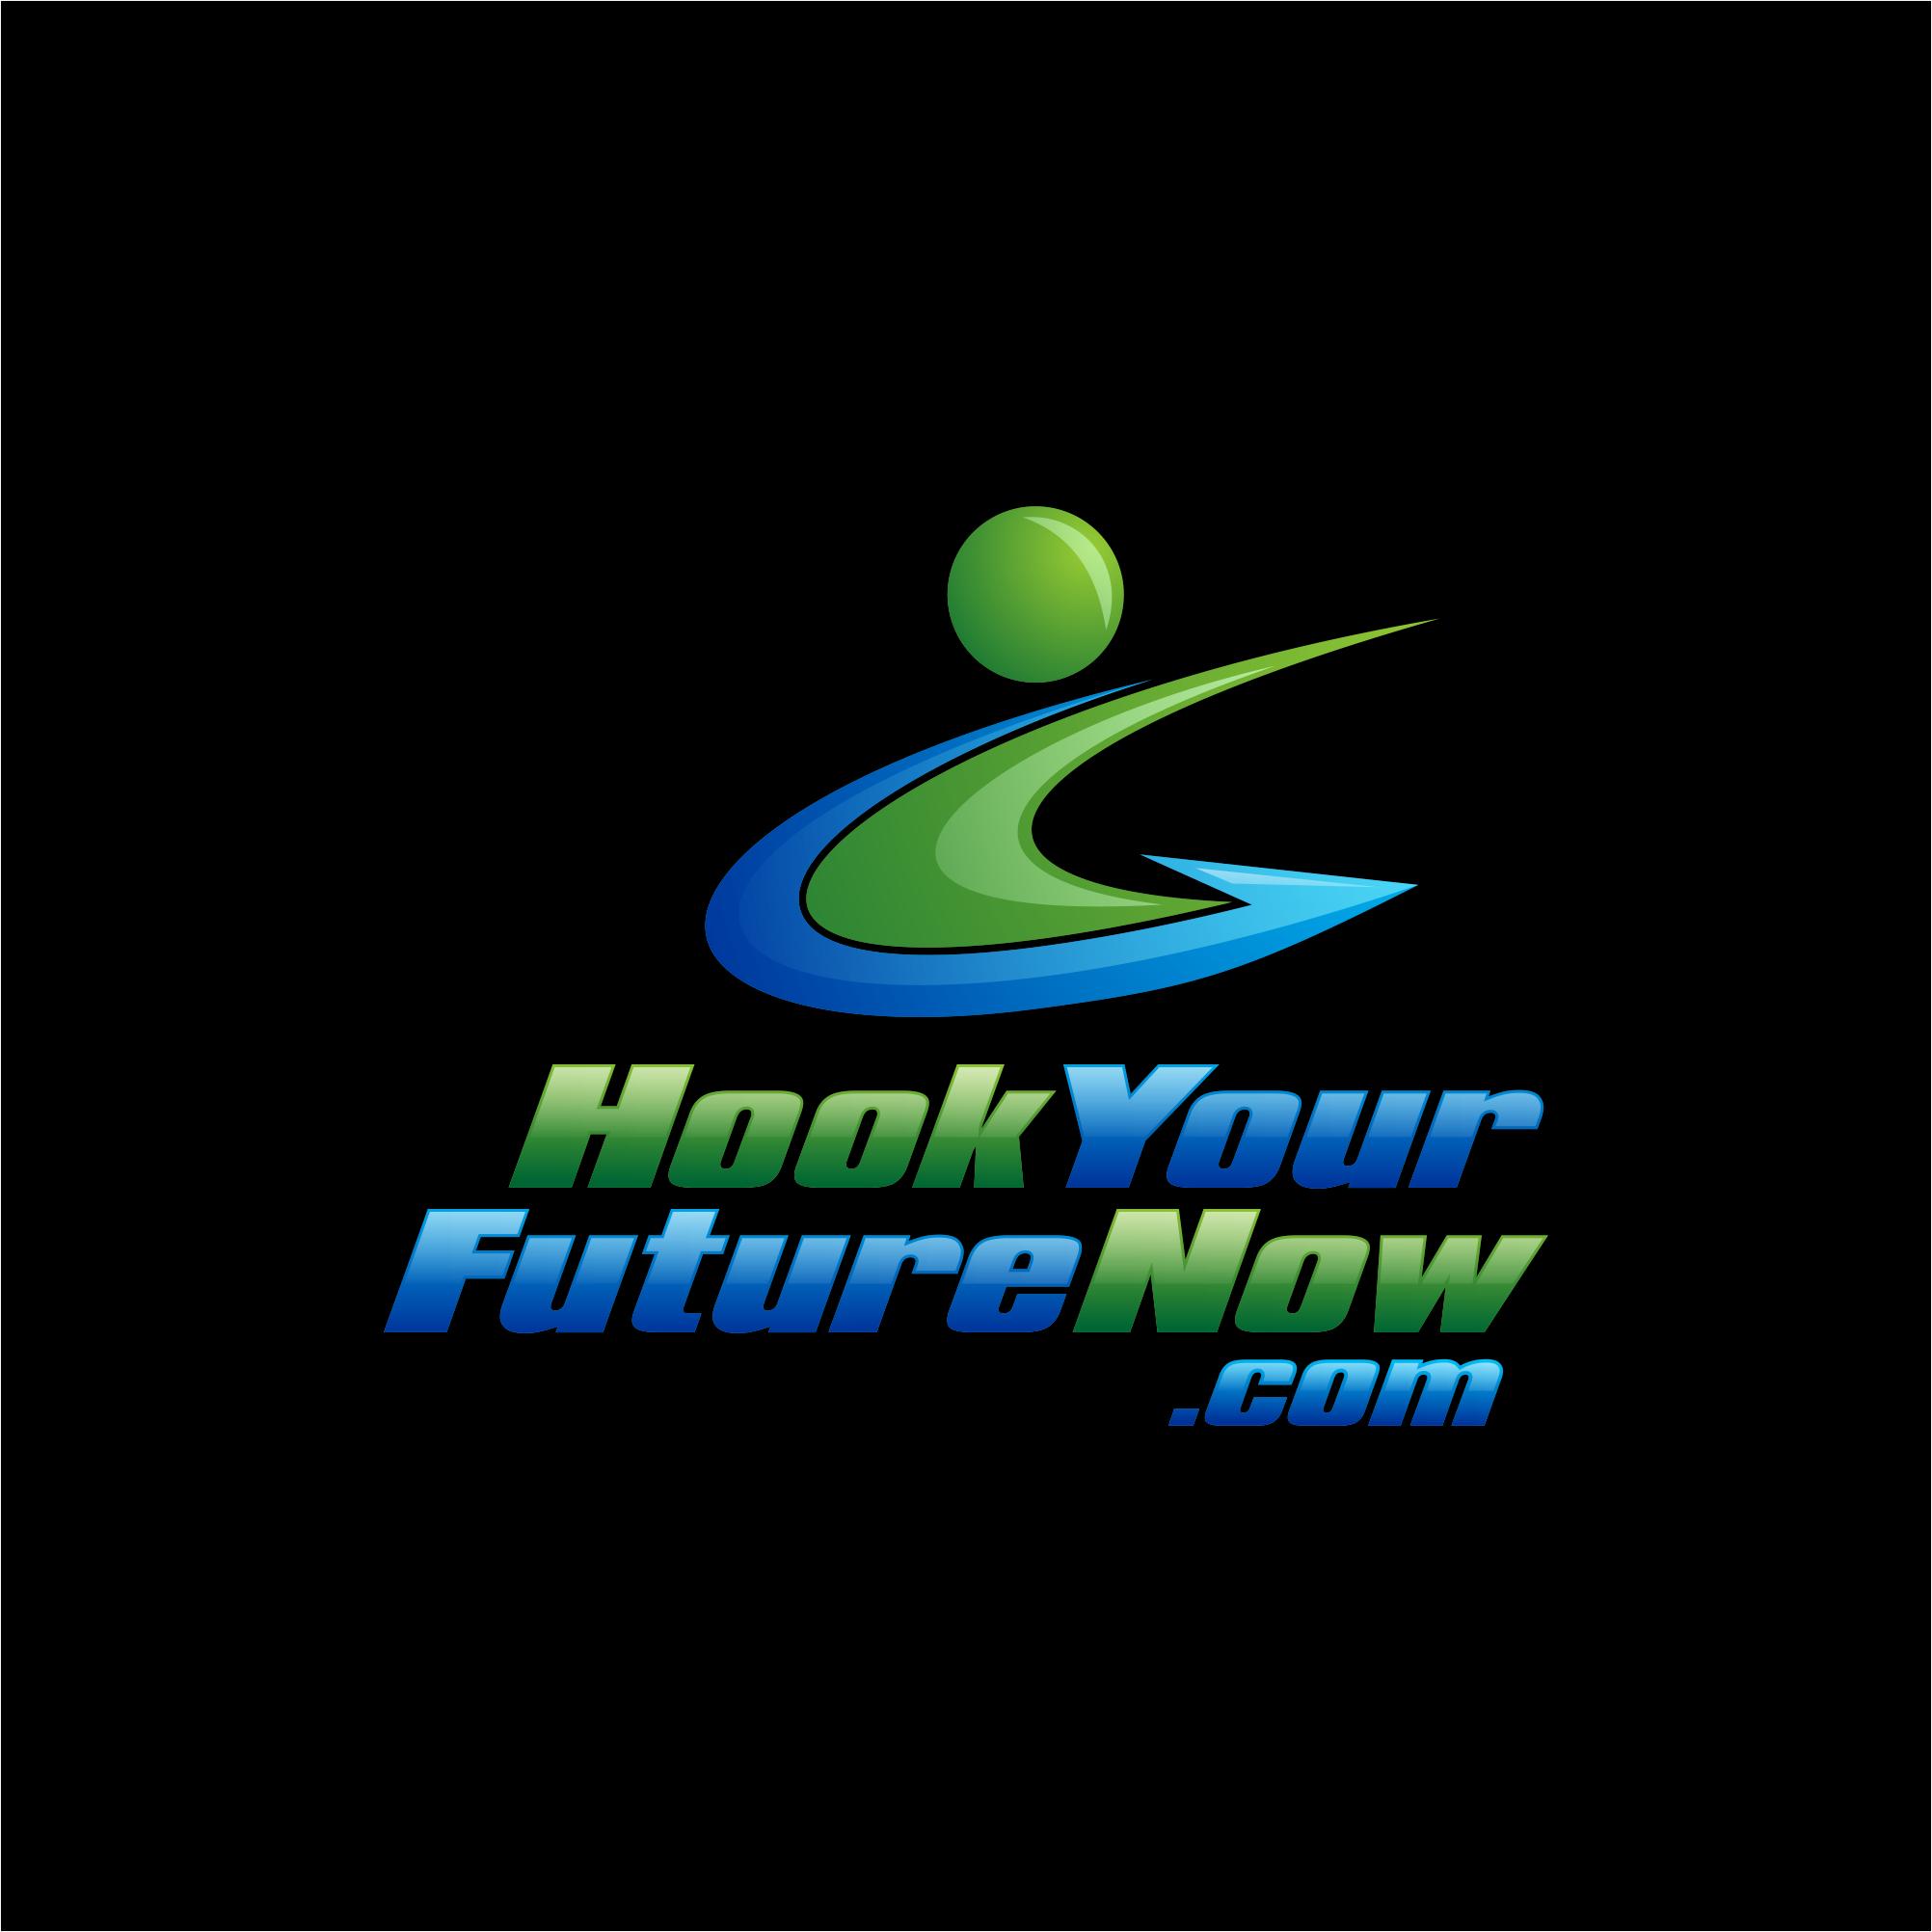 logo for HookYourFutureNow.com